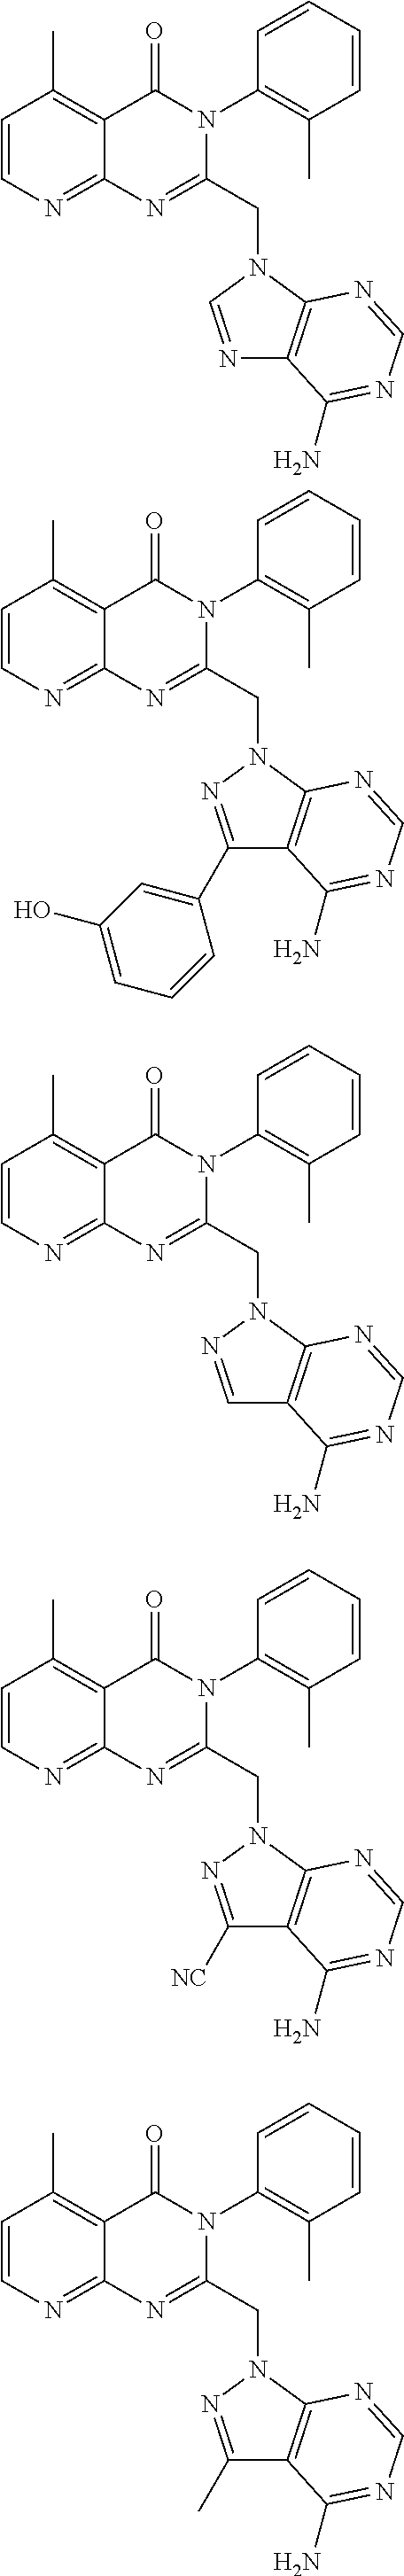 Figure US20110046165A1-20110224-C00326